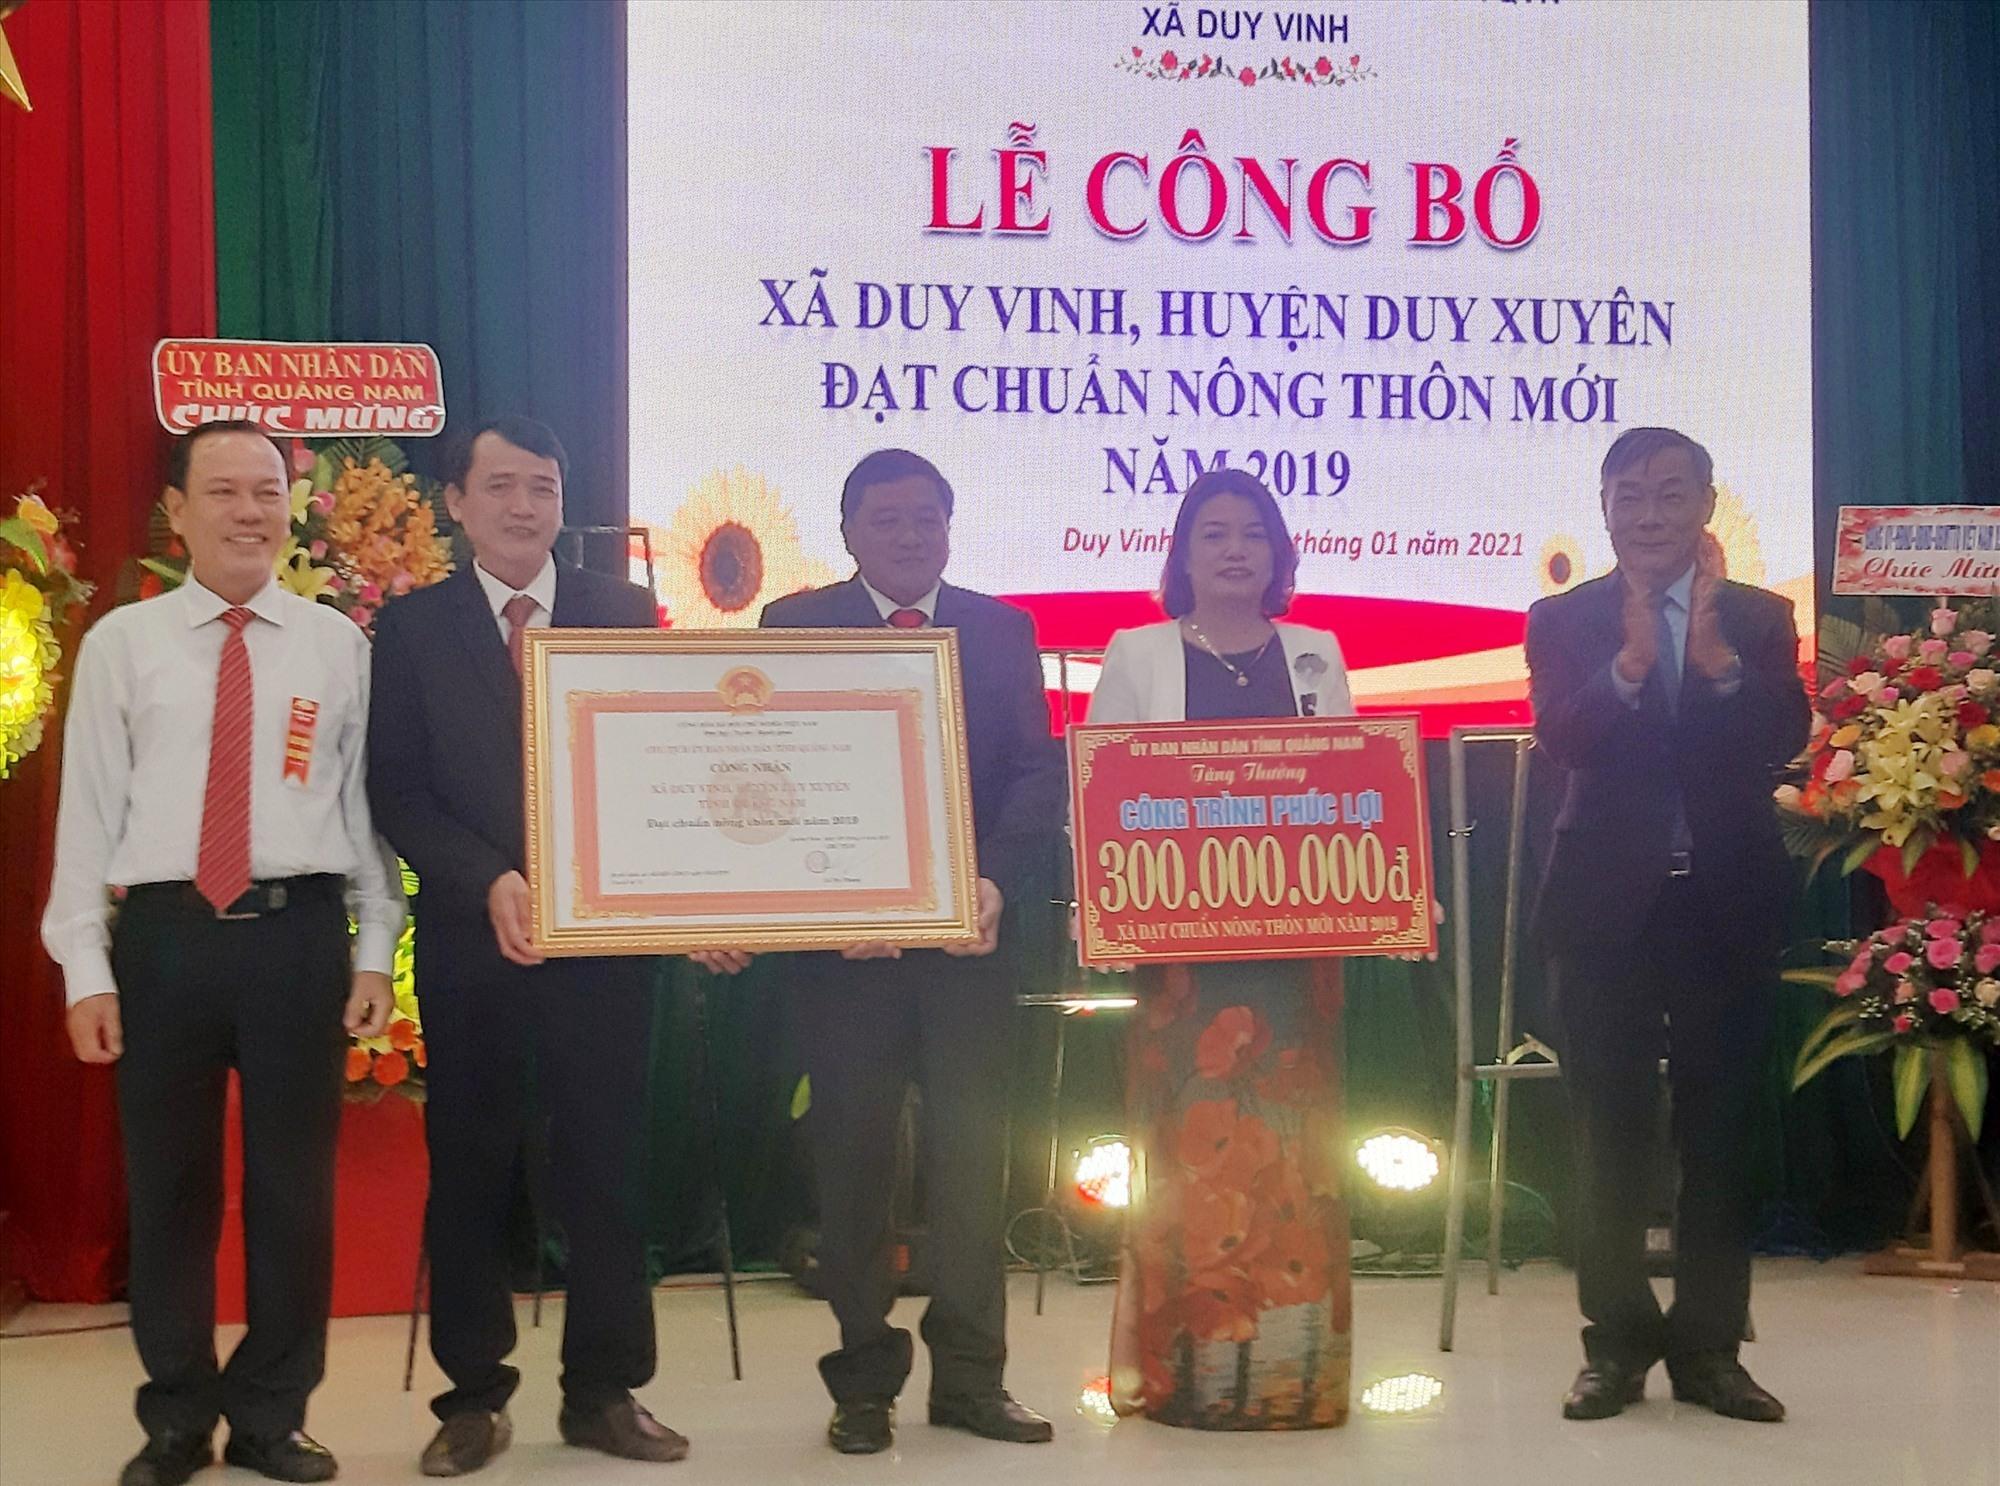 Lãnh đạo Văn phòng Điều phối NTM tỉnh và huyện Duy Xuyên trao bằng công nhận đạt chuẩn NTM năm 2019 cho xã Duy Vinh. Ảnh: T.S